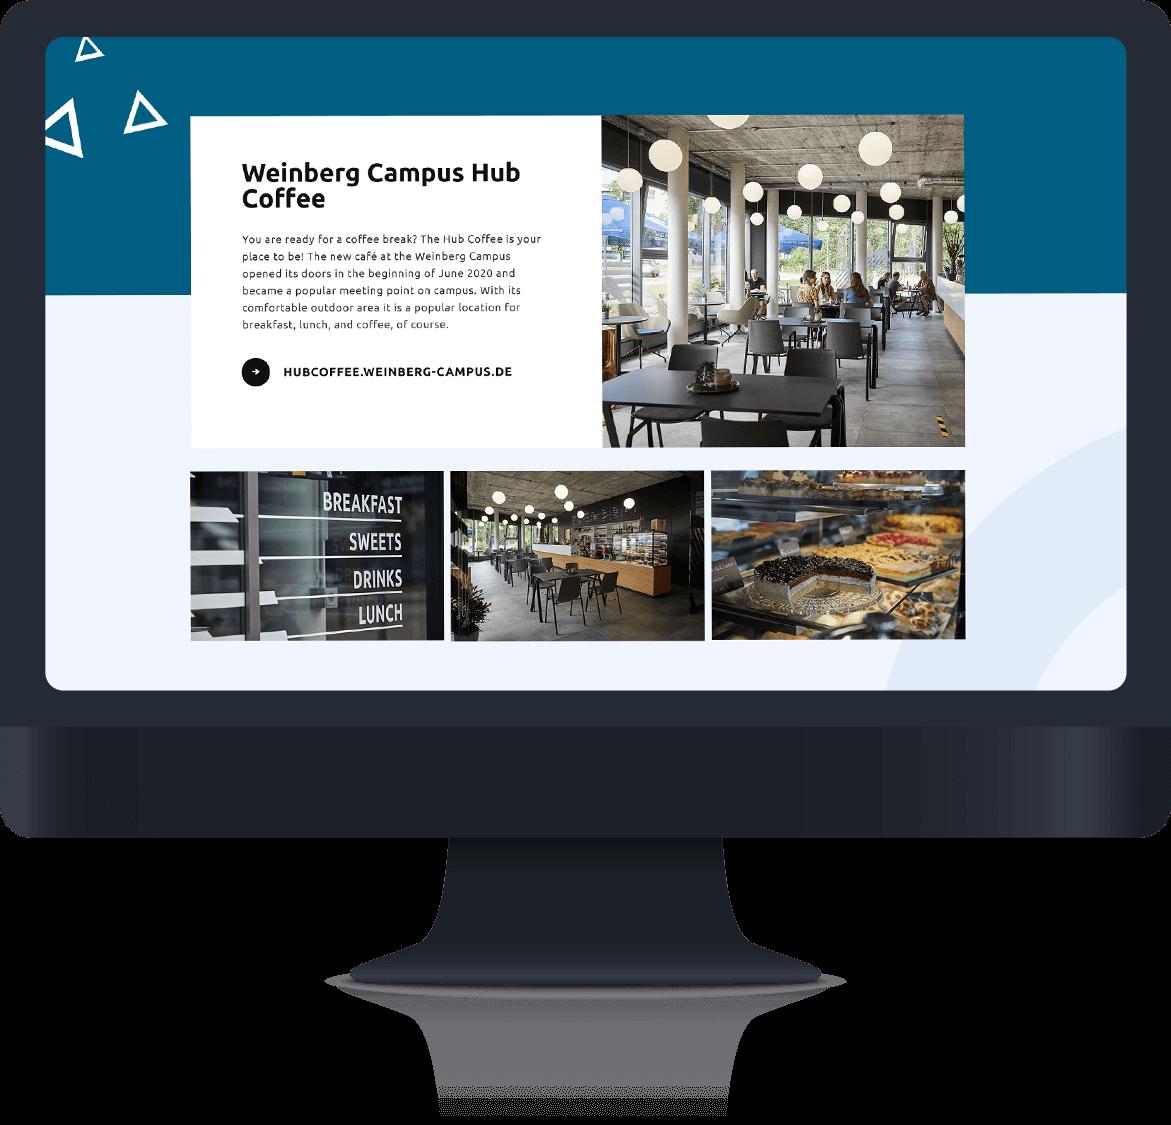 Campus Accelerator Seite mit Bildern der Cafeteria mit Kuchen und gemeinschaftlichen Sitzgelegenheiten